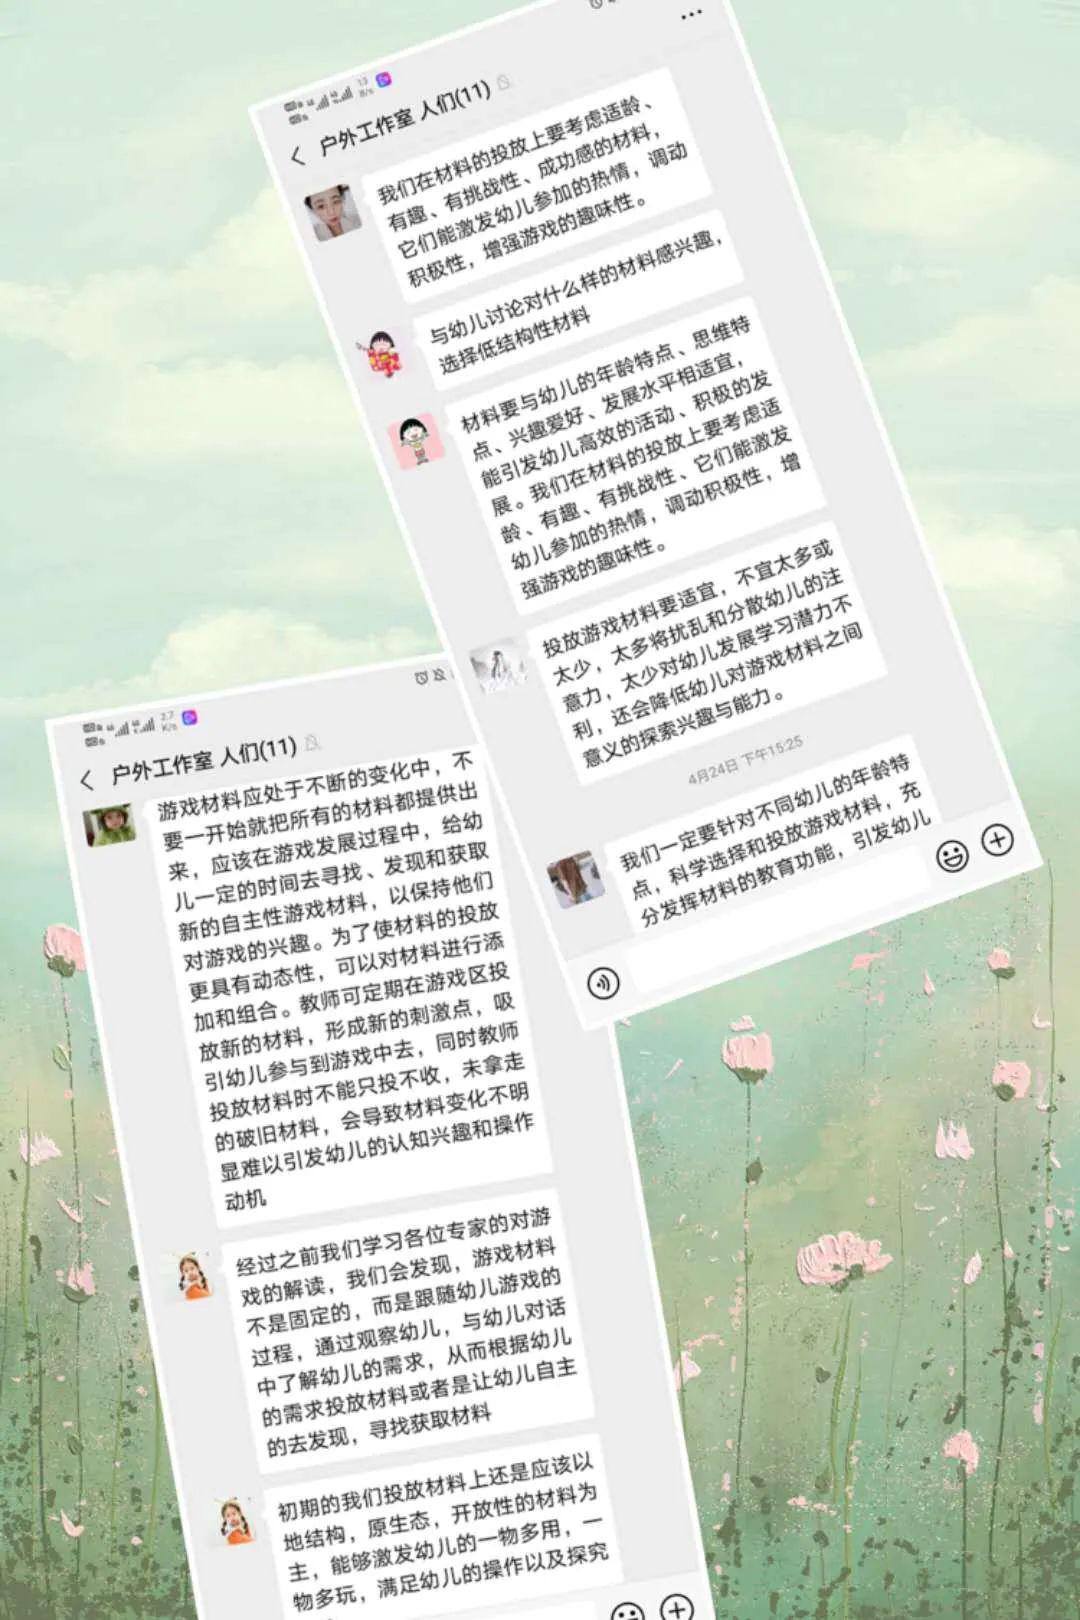 大班下学期教育笔记200篇【精选】_屈老师